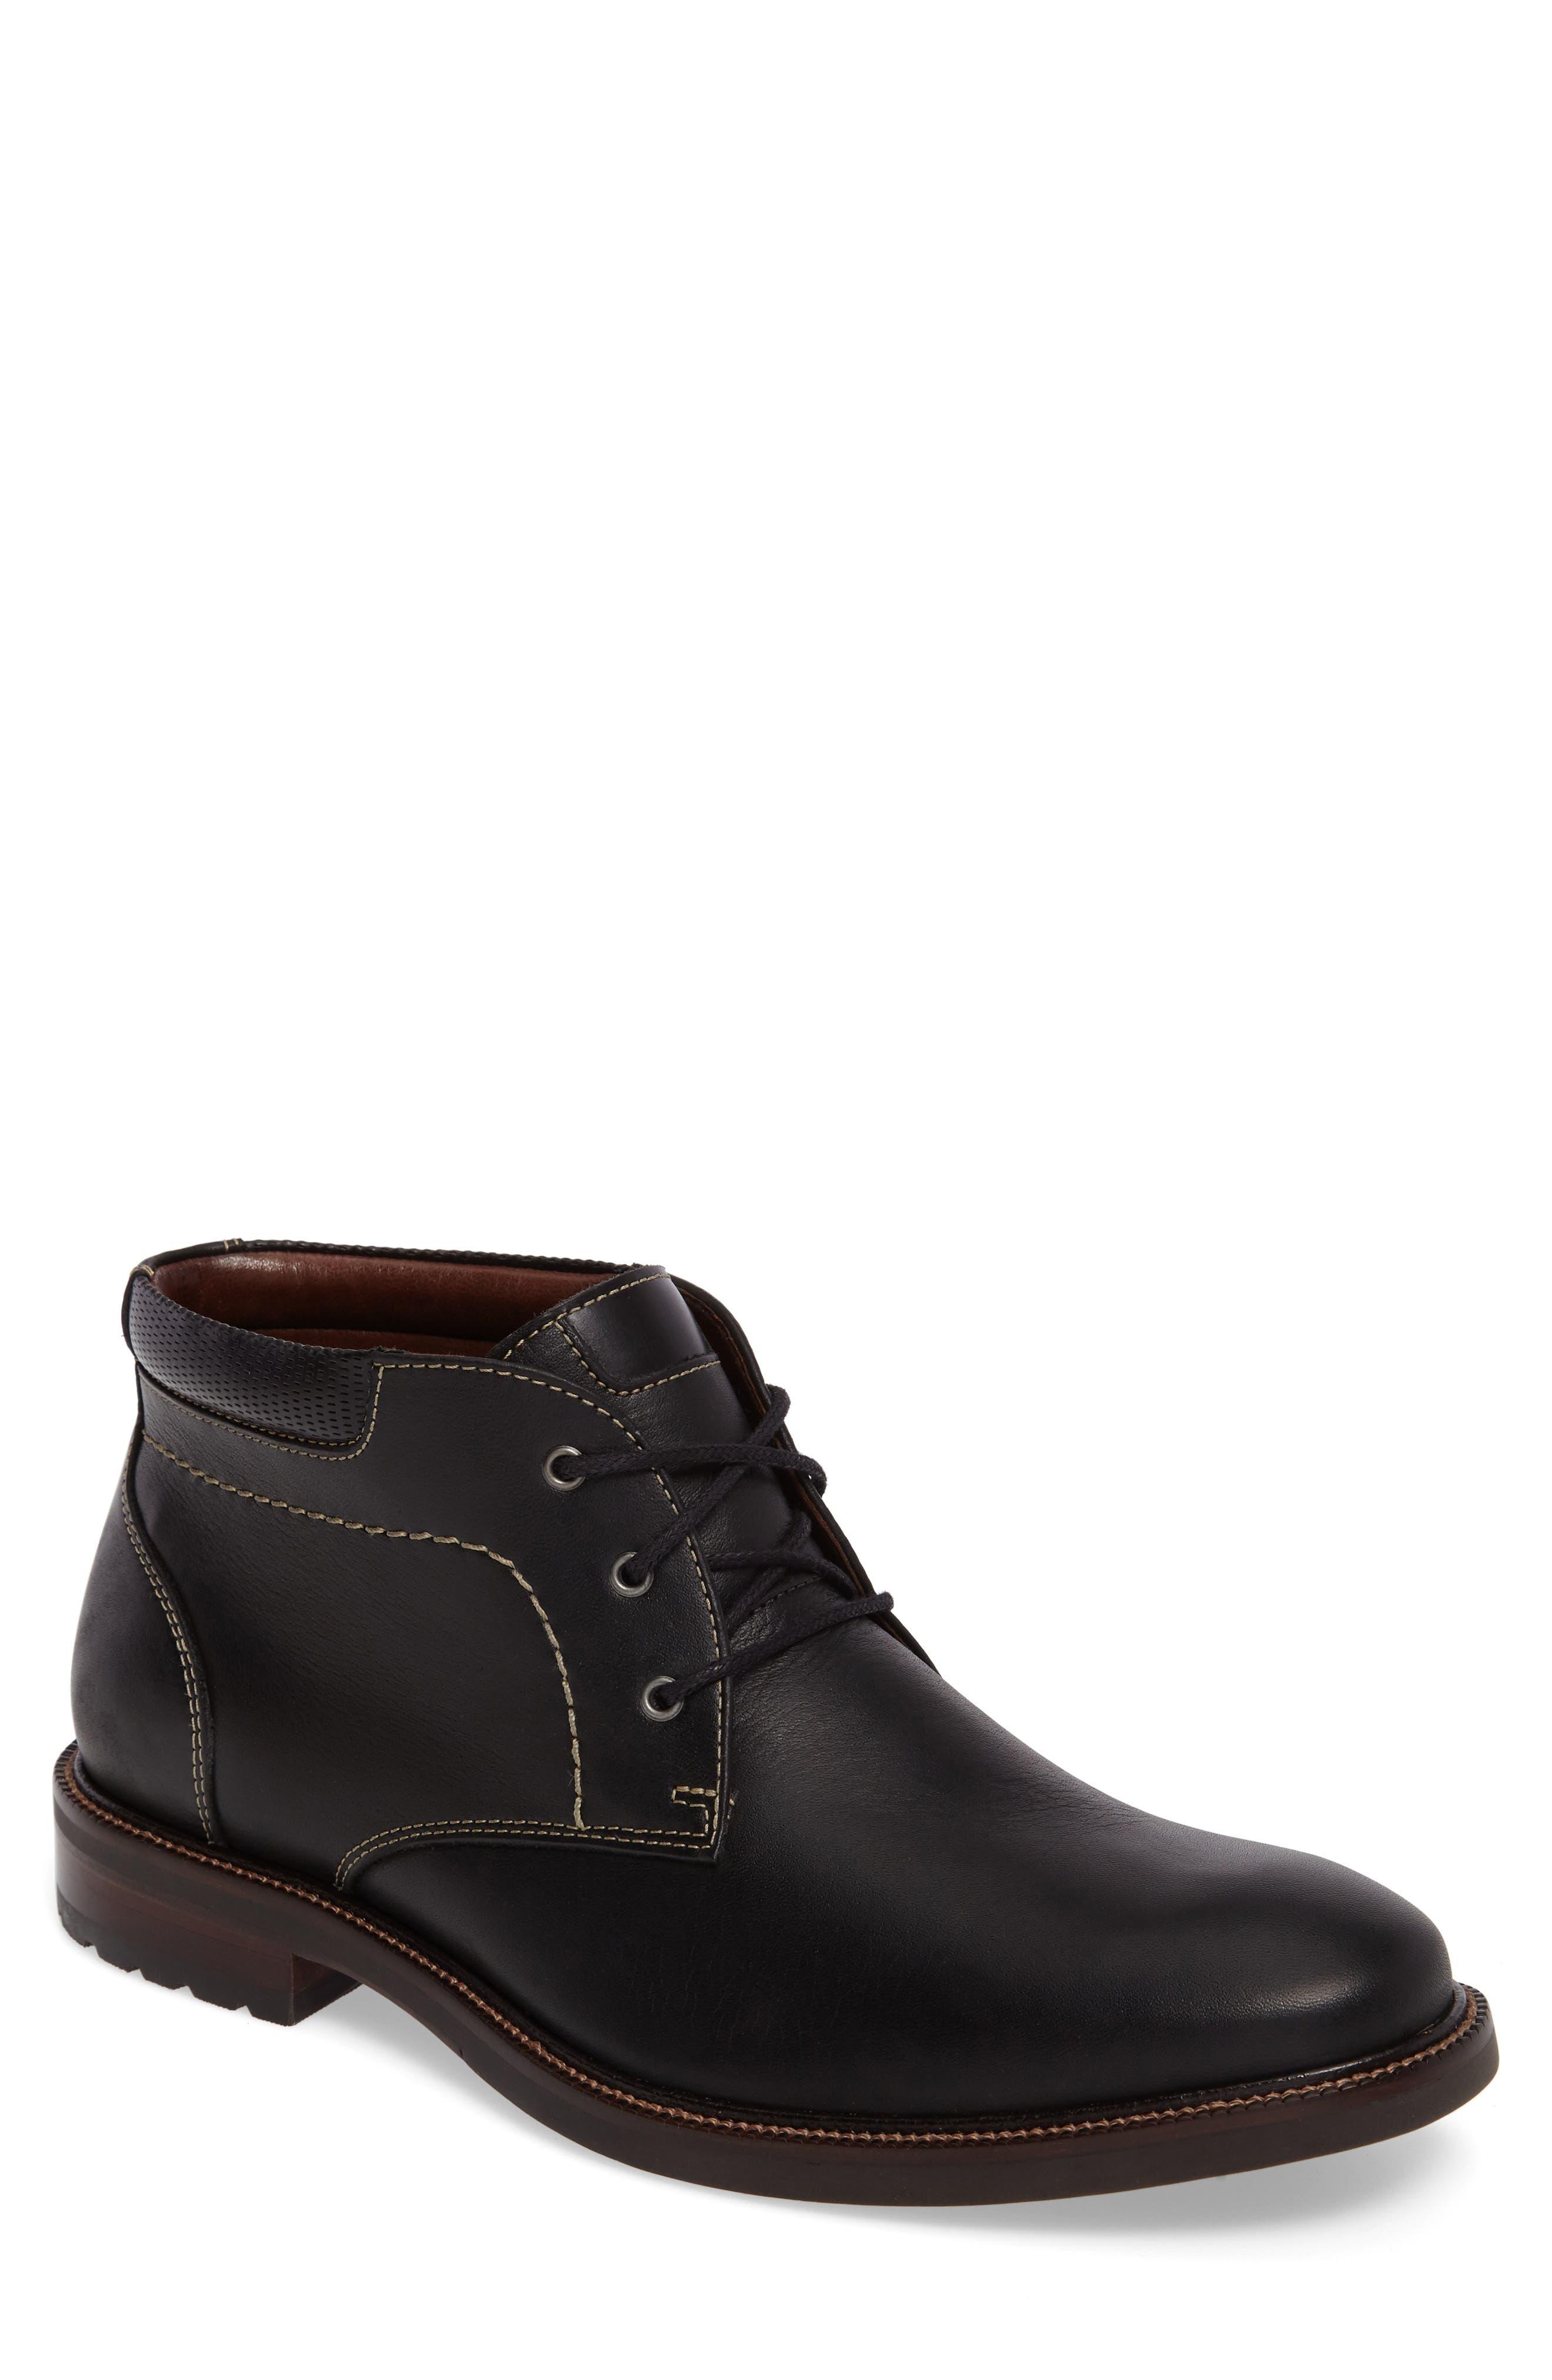 Baird Chukka Boot,                         Main,                         color, BLACK LEATHER